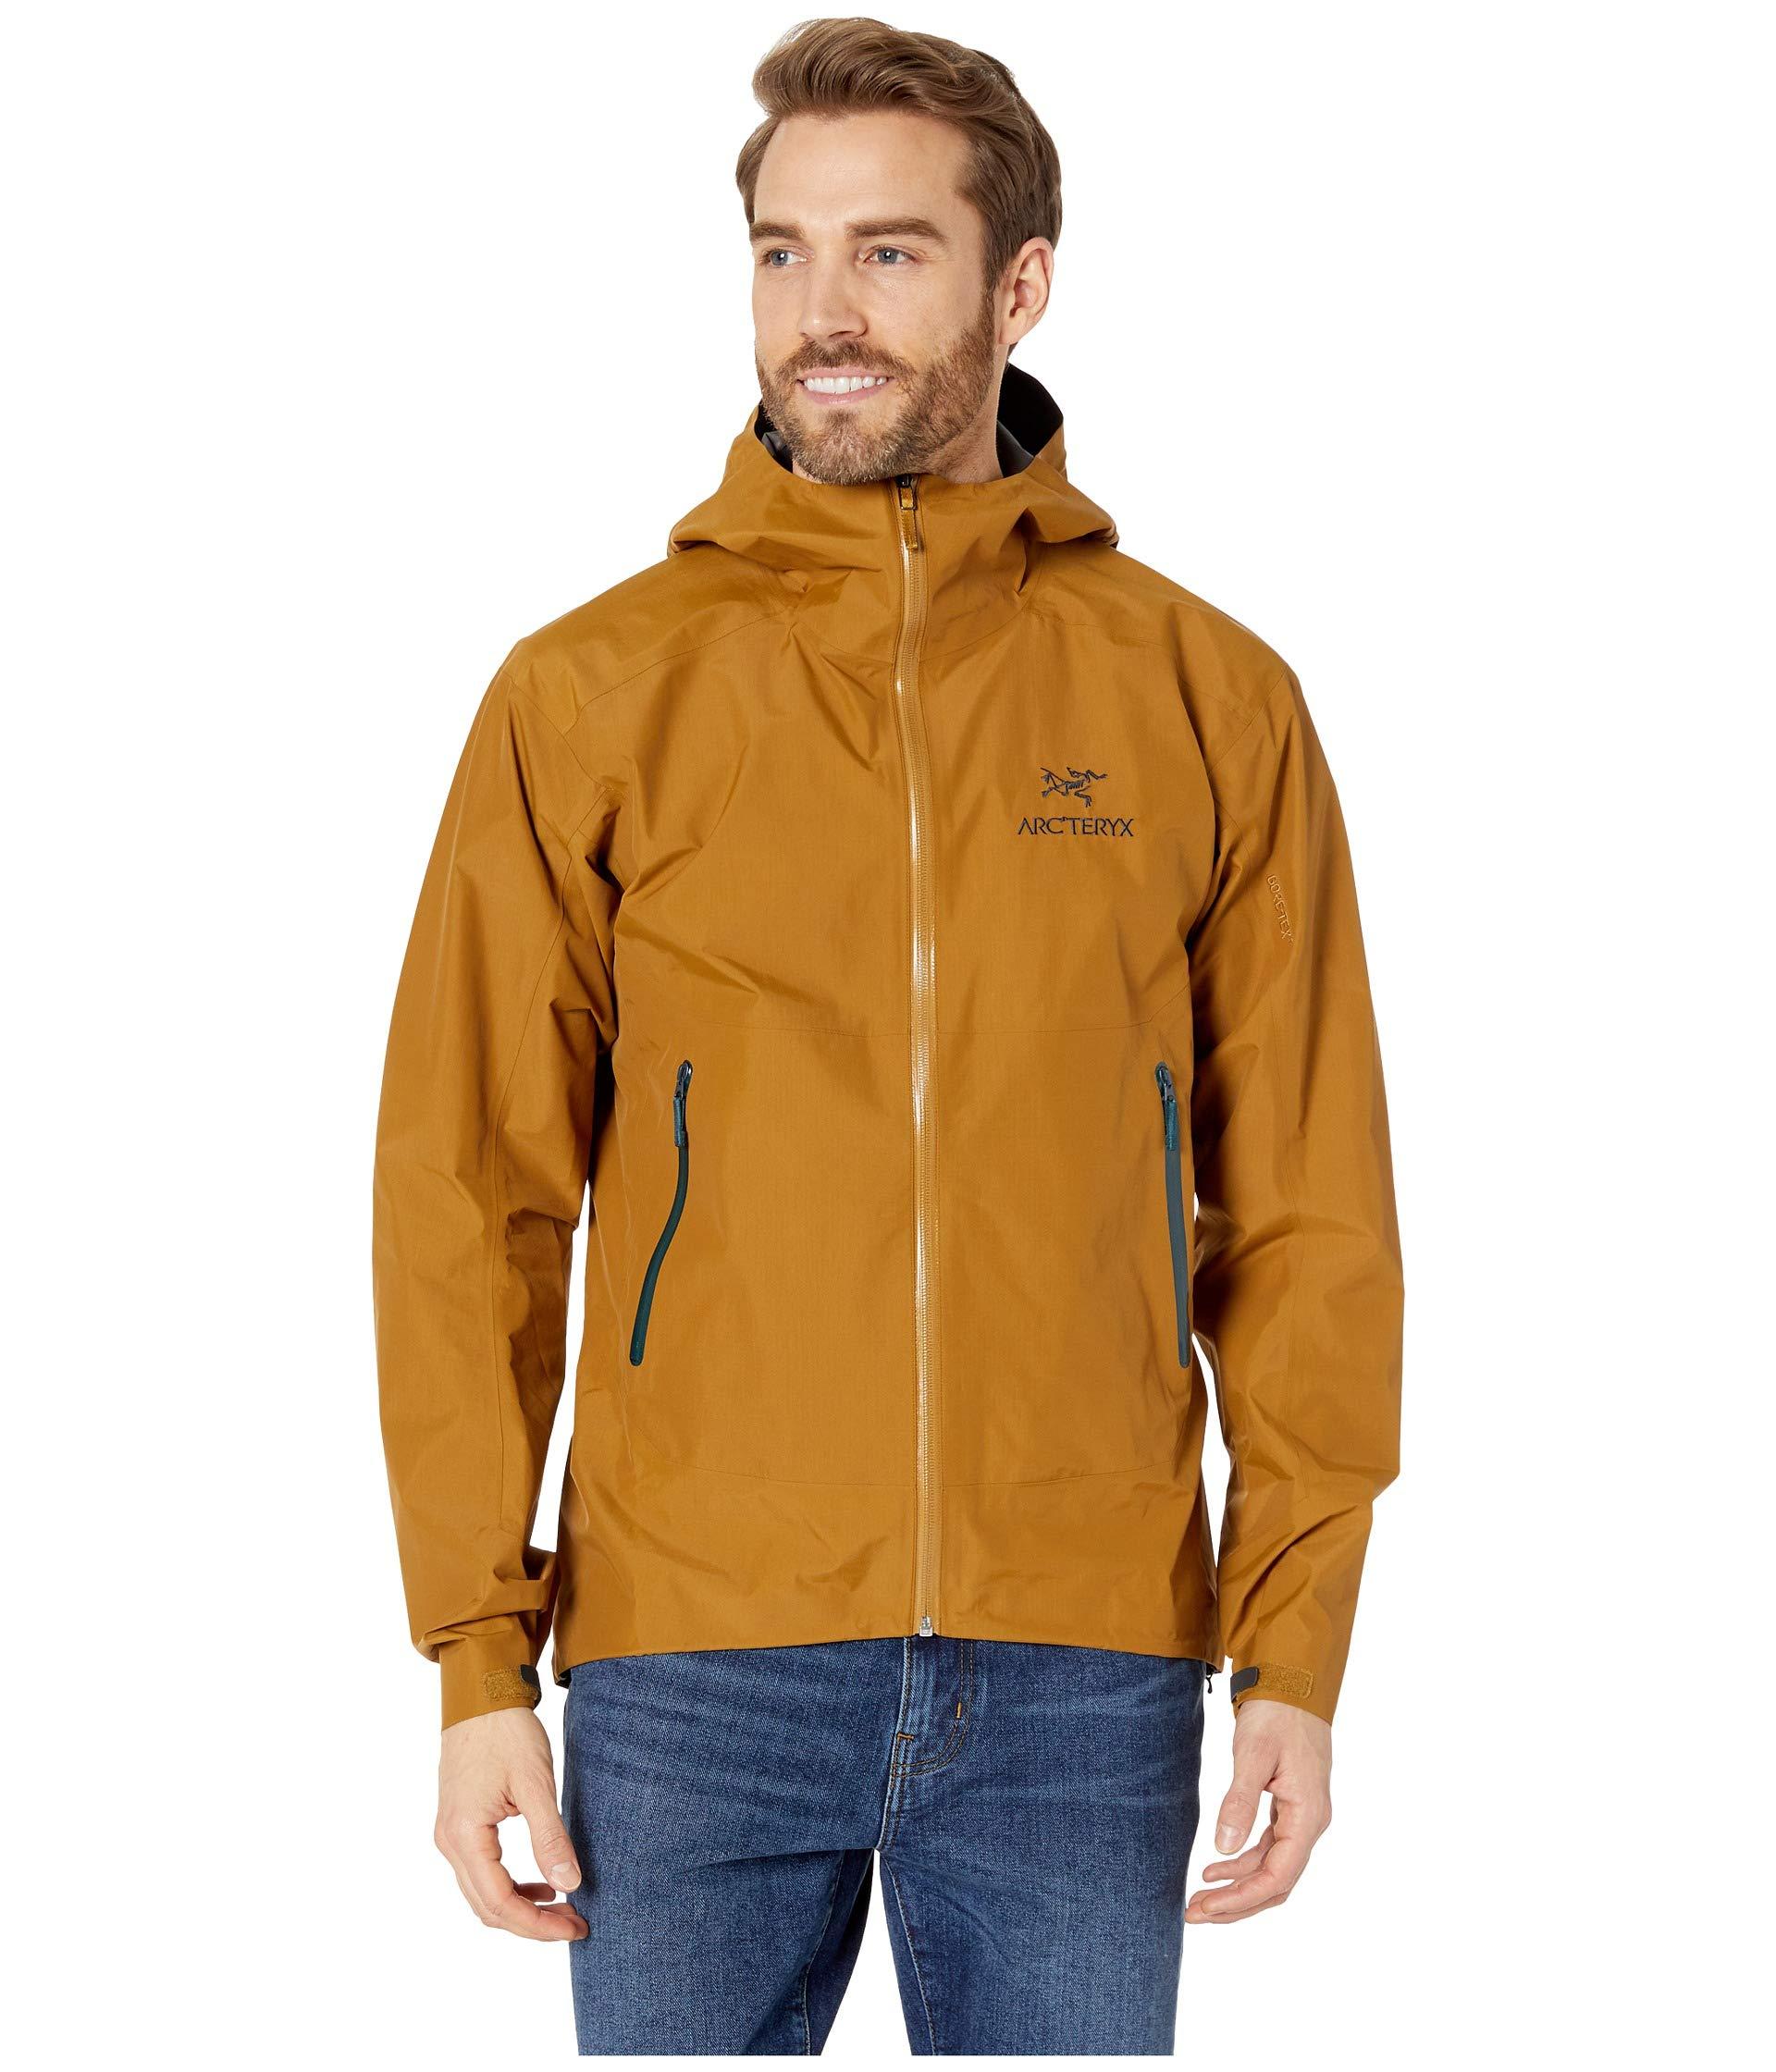 Arc'teryx Men's Zeta Sl Jacket, Yukon, Tan, Medium